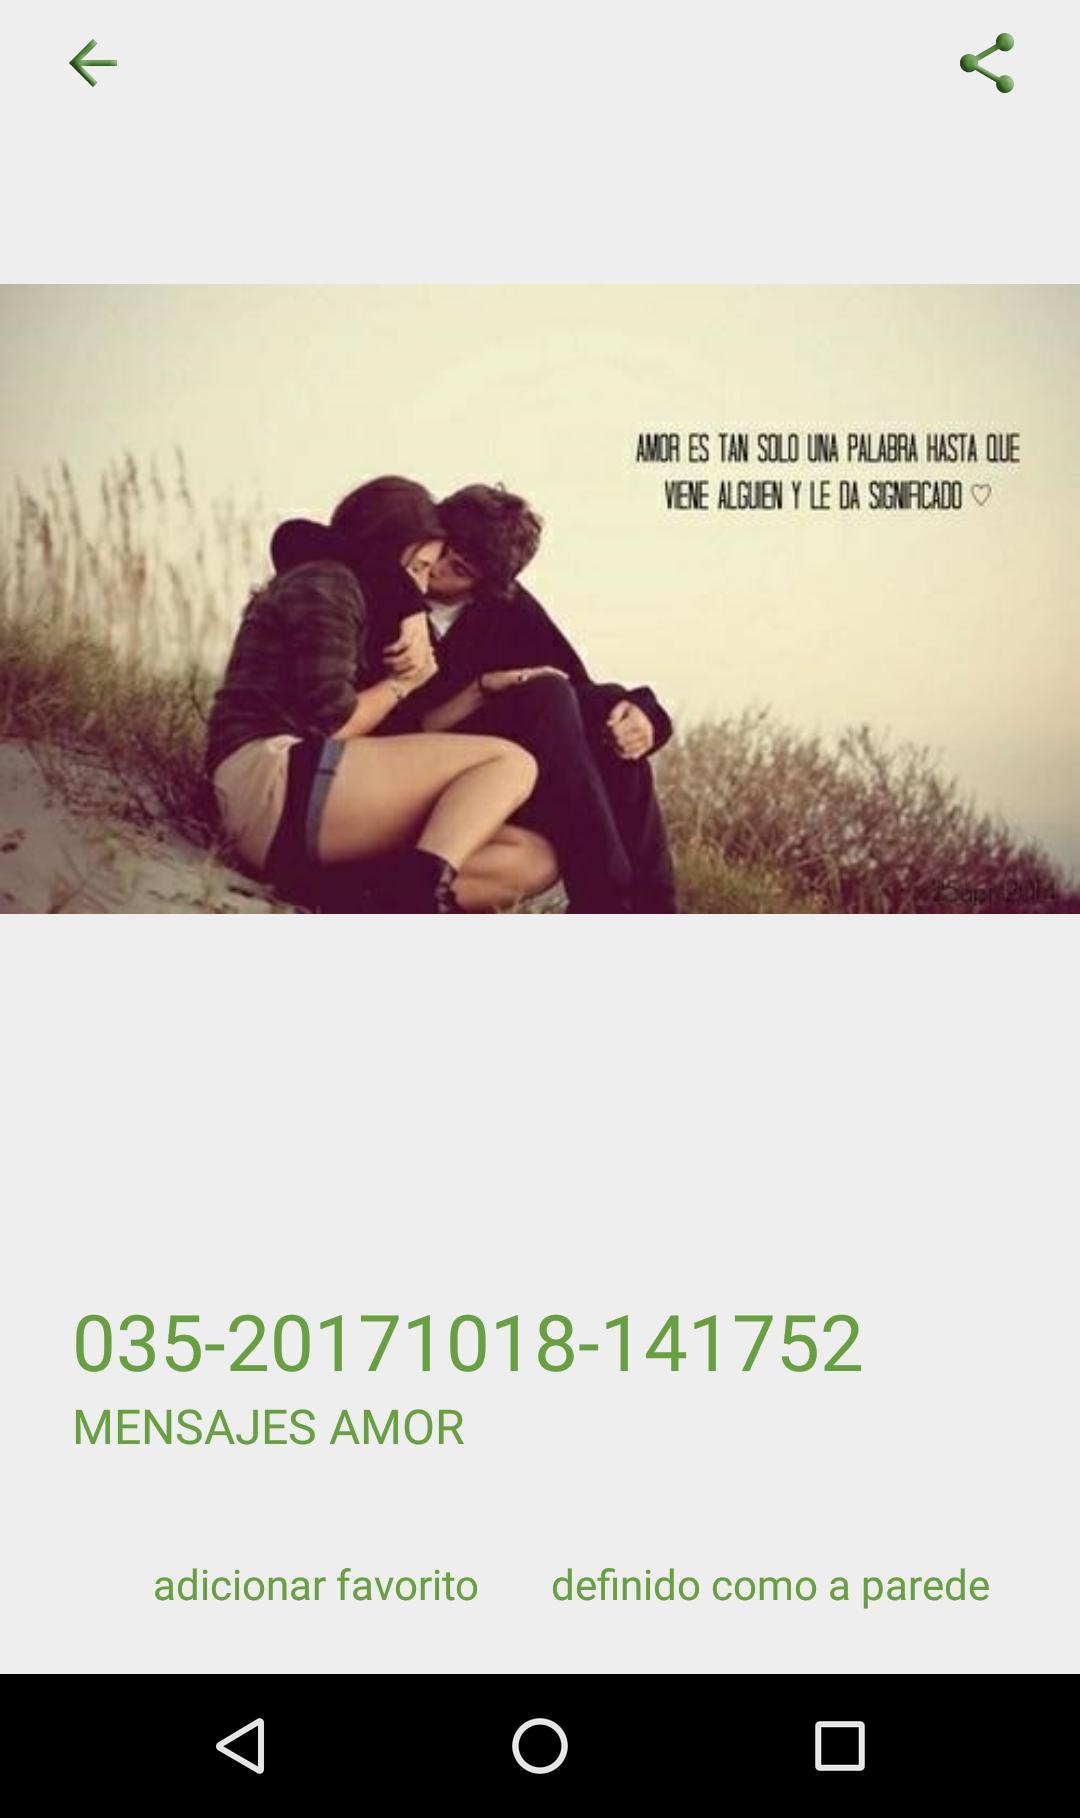 Mensajes De Amor For Android Apk Download Fotos de amor para compartir lo que siento con mi relación o con quien deseo que lo sea. mensajes de amor for android apk download